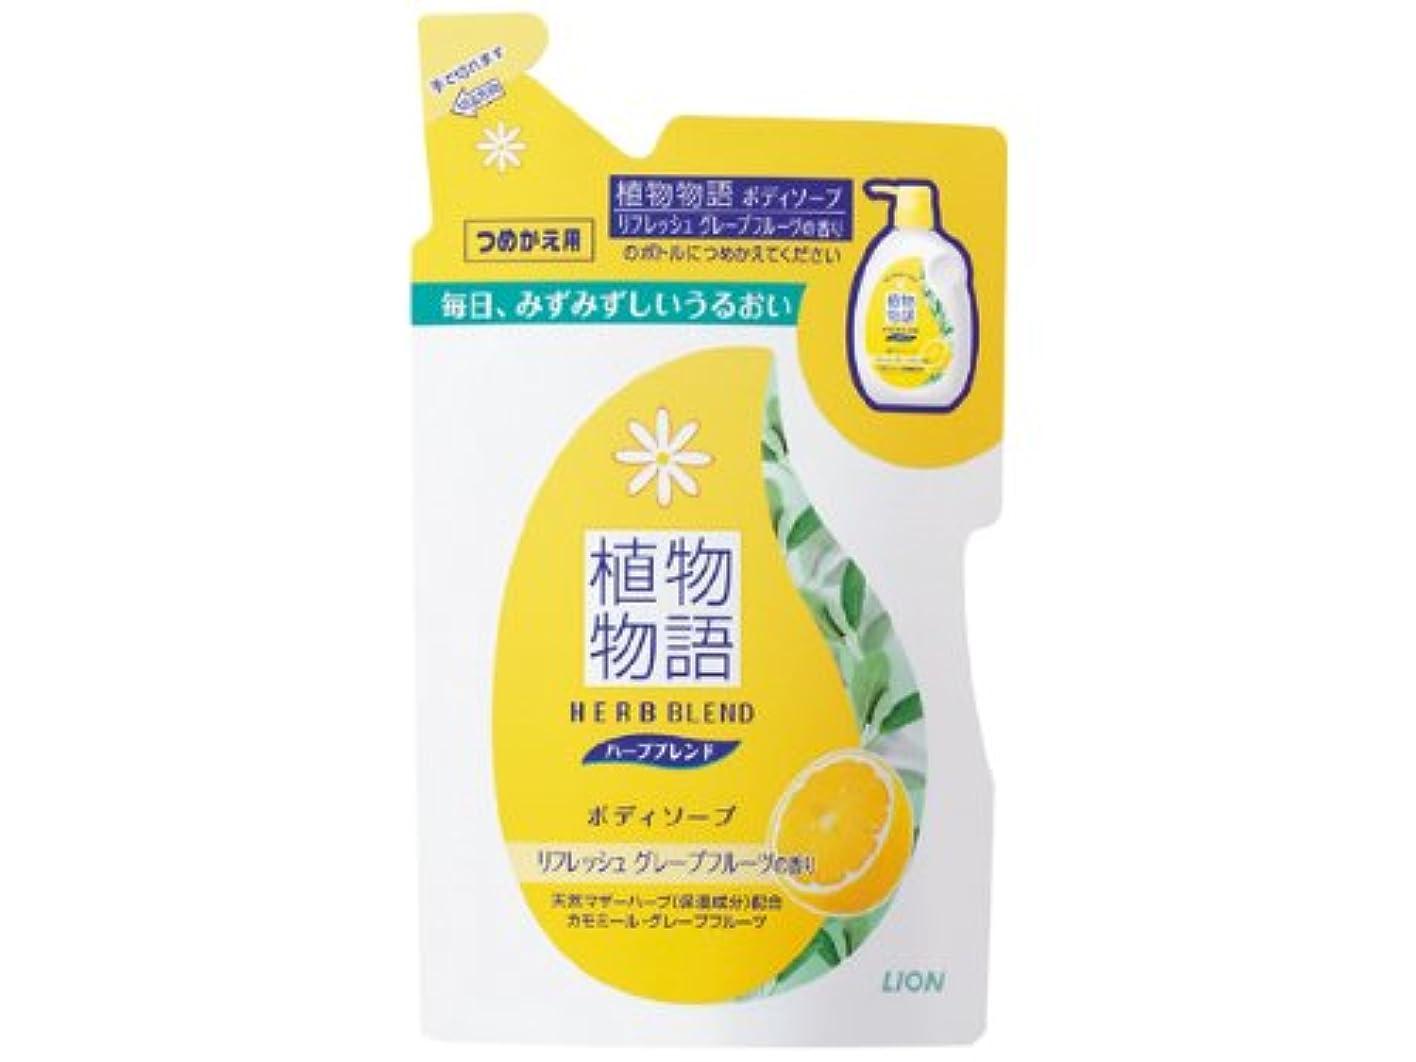 消化器所有権多用途植物物語 ハーブブレンド ボディソープ リフレッシュグレープフルーツの香り つめかえ用 420ml